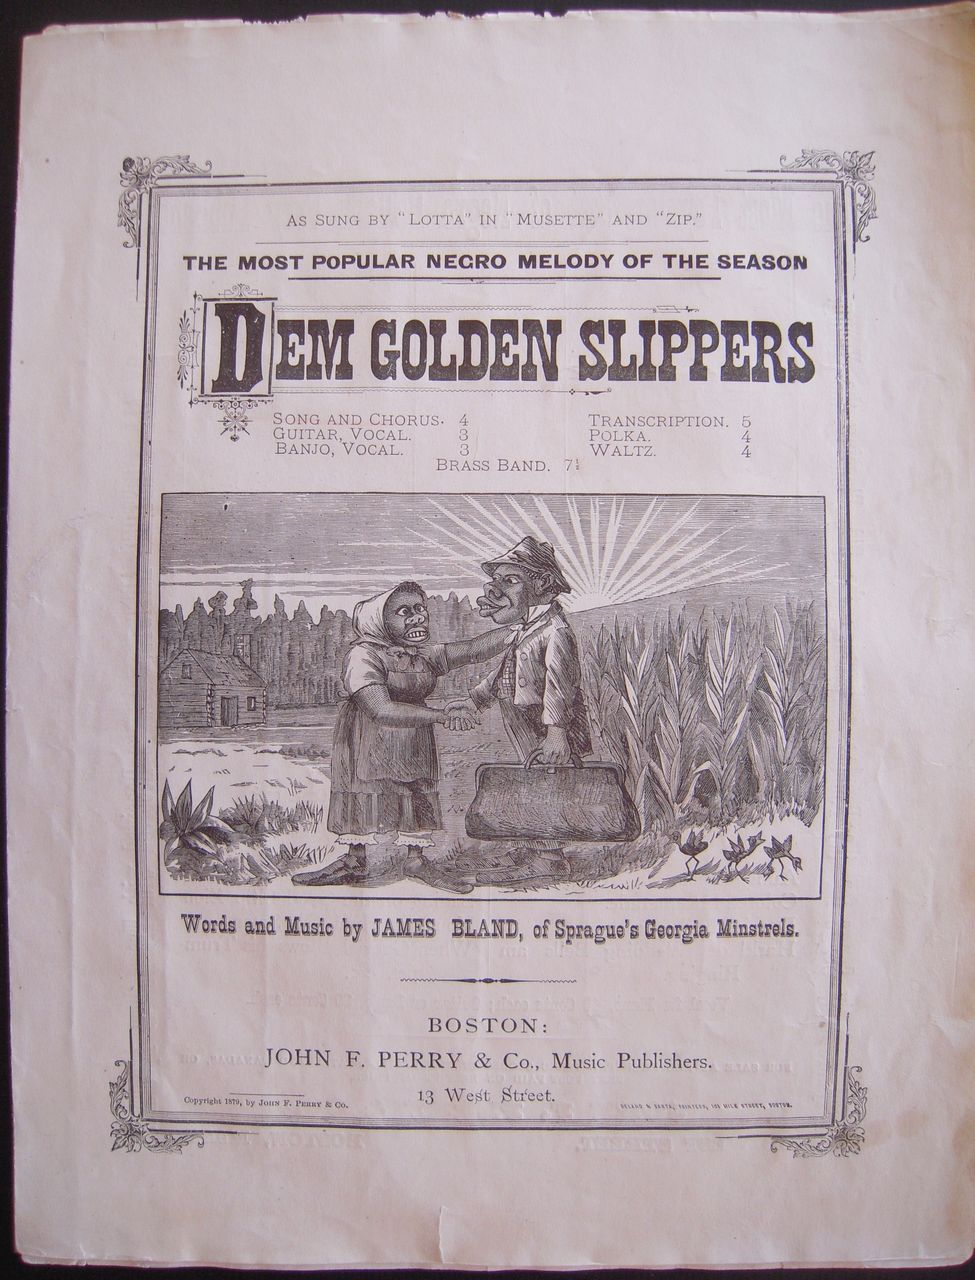 1879 sheet music dem golden slippers from bluesprucerugsandantiques on ruby lane. Black Bedroom Furniture Sets. Home Design Ideas